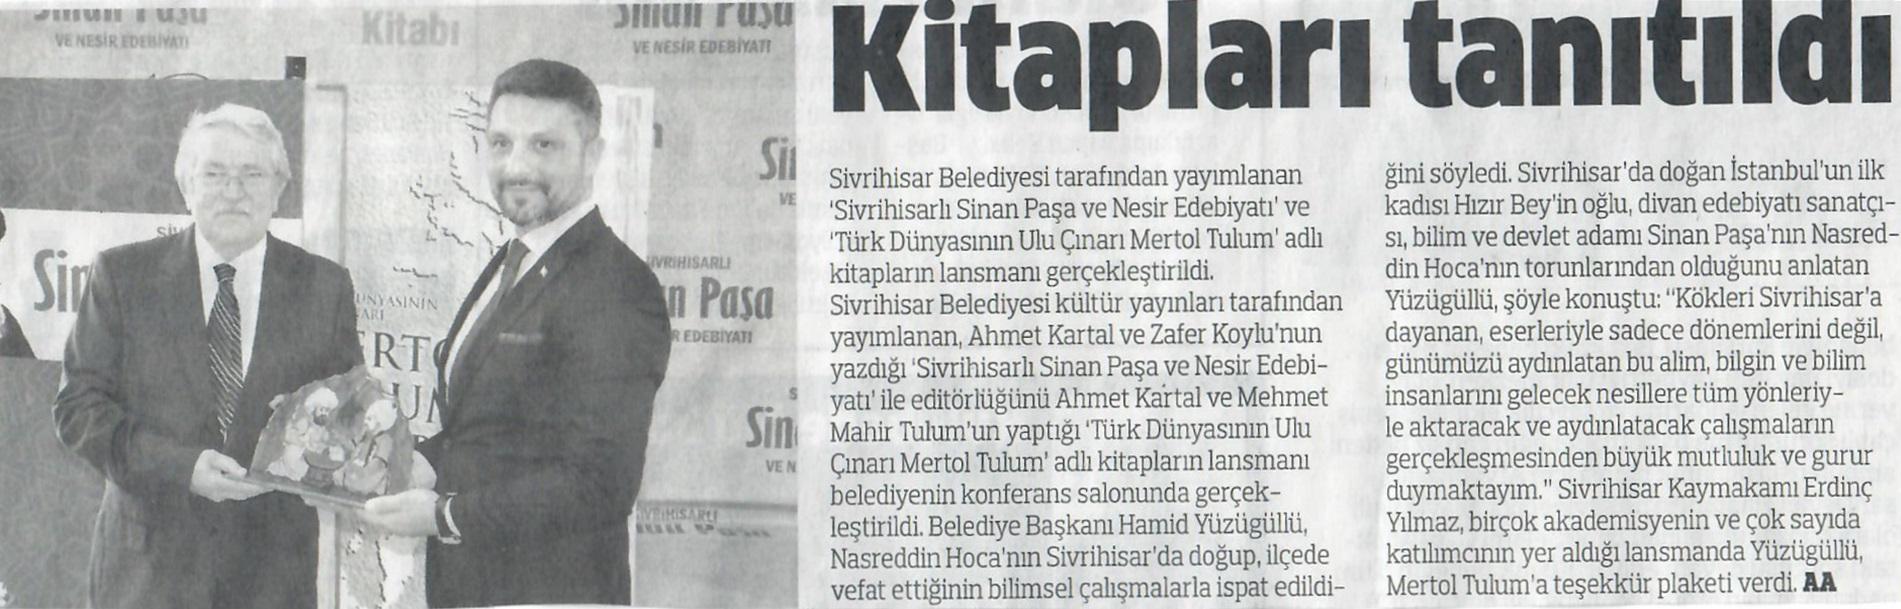 Sinan Paşa ile Mertol Tulum Kitapları Tanıtıldı